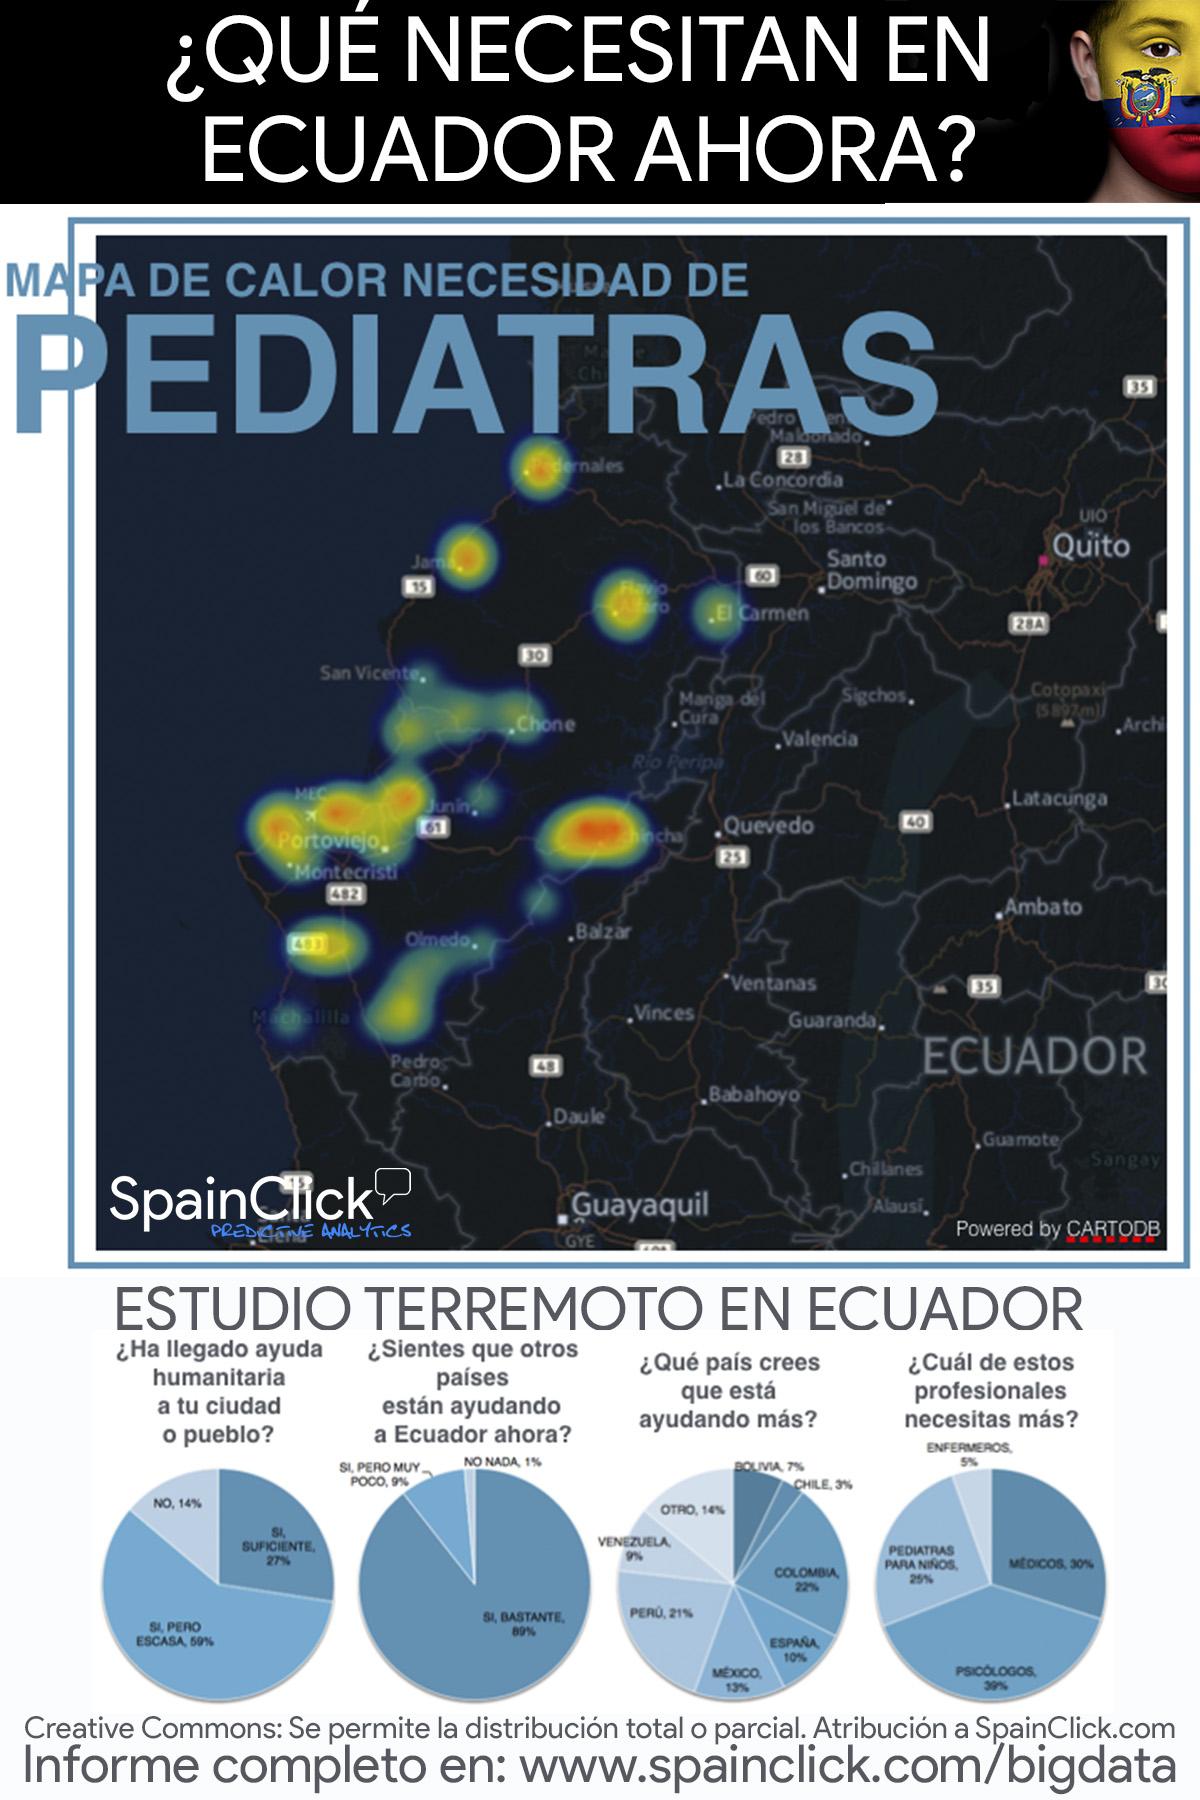 terremoto ecuador spainclick